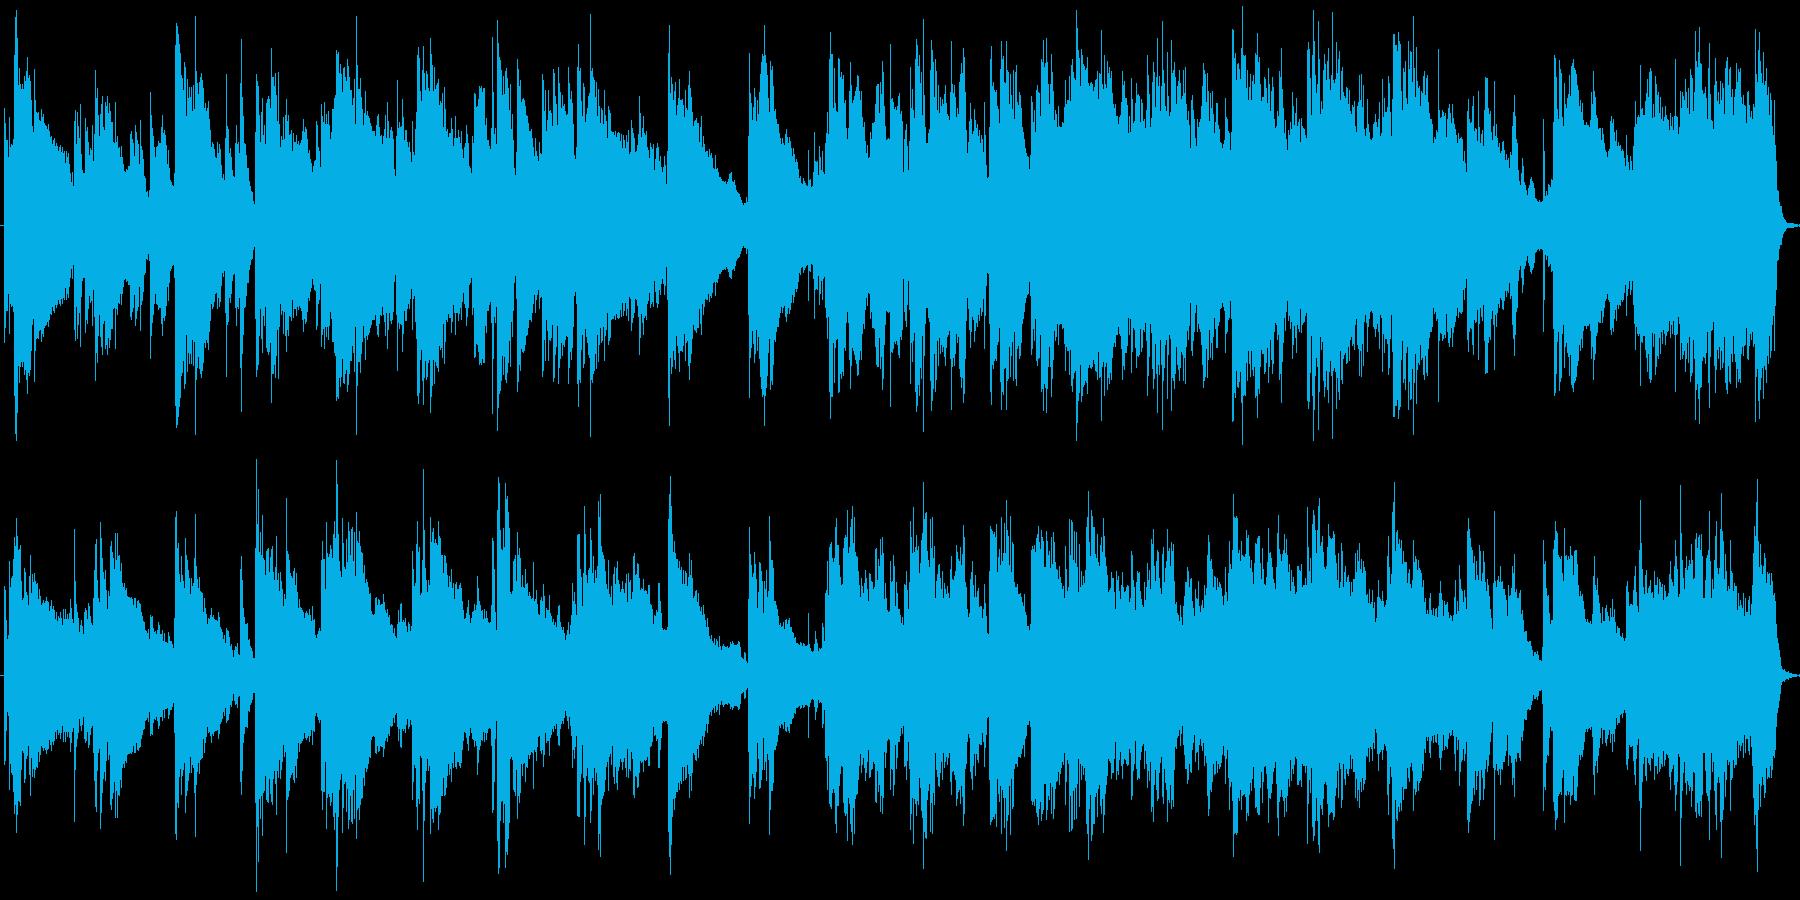 ピアノ・ギター・チェロによる静かな前奏曲の再生済みの波形